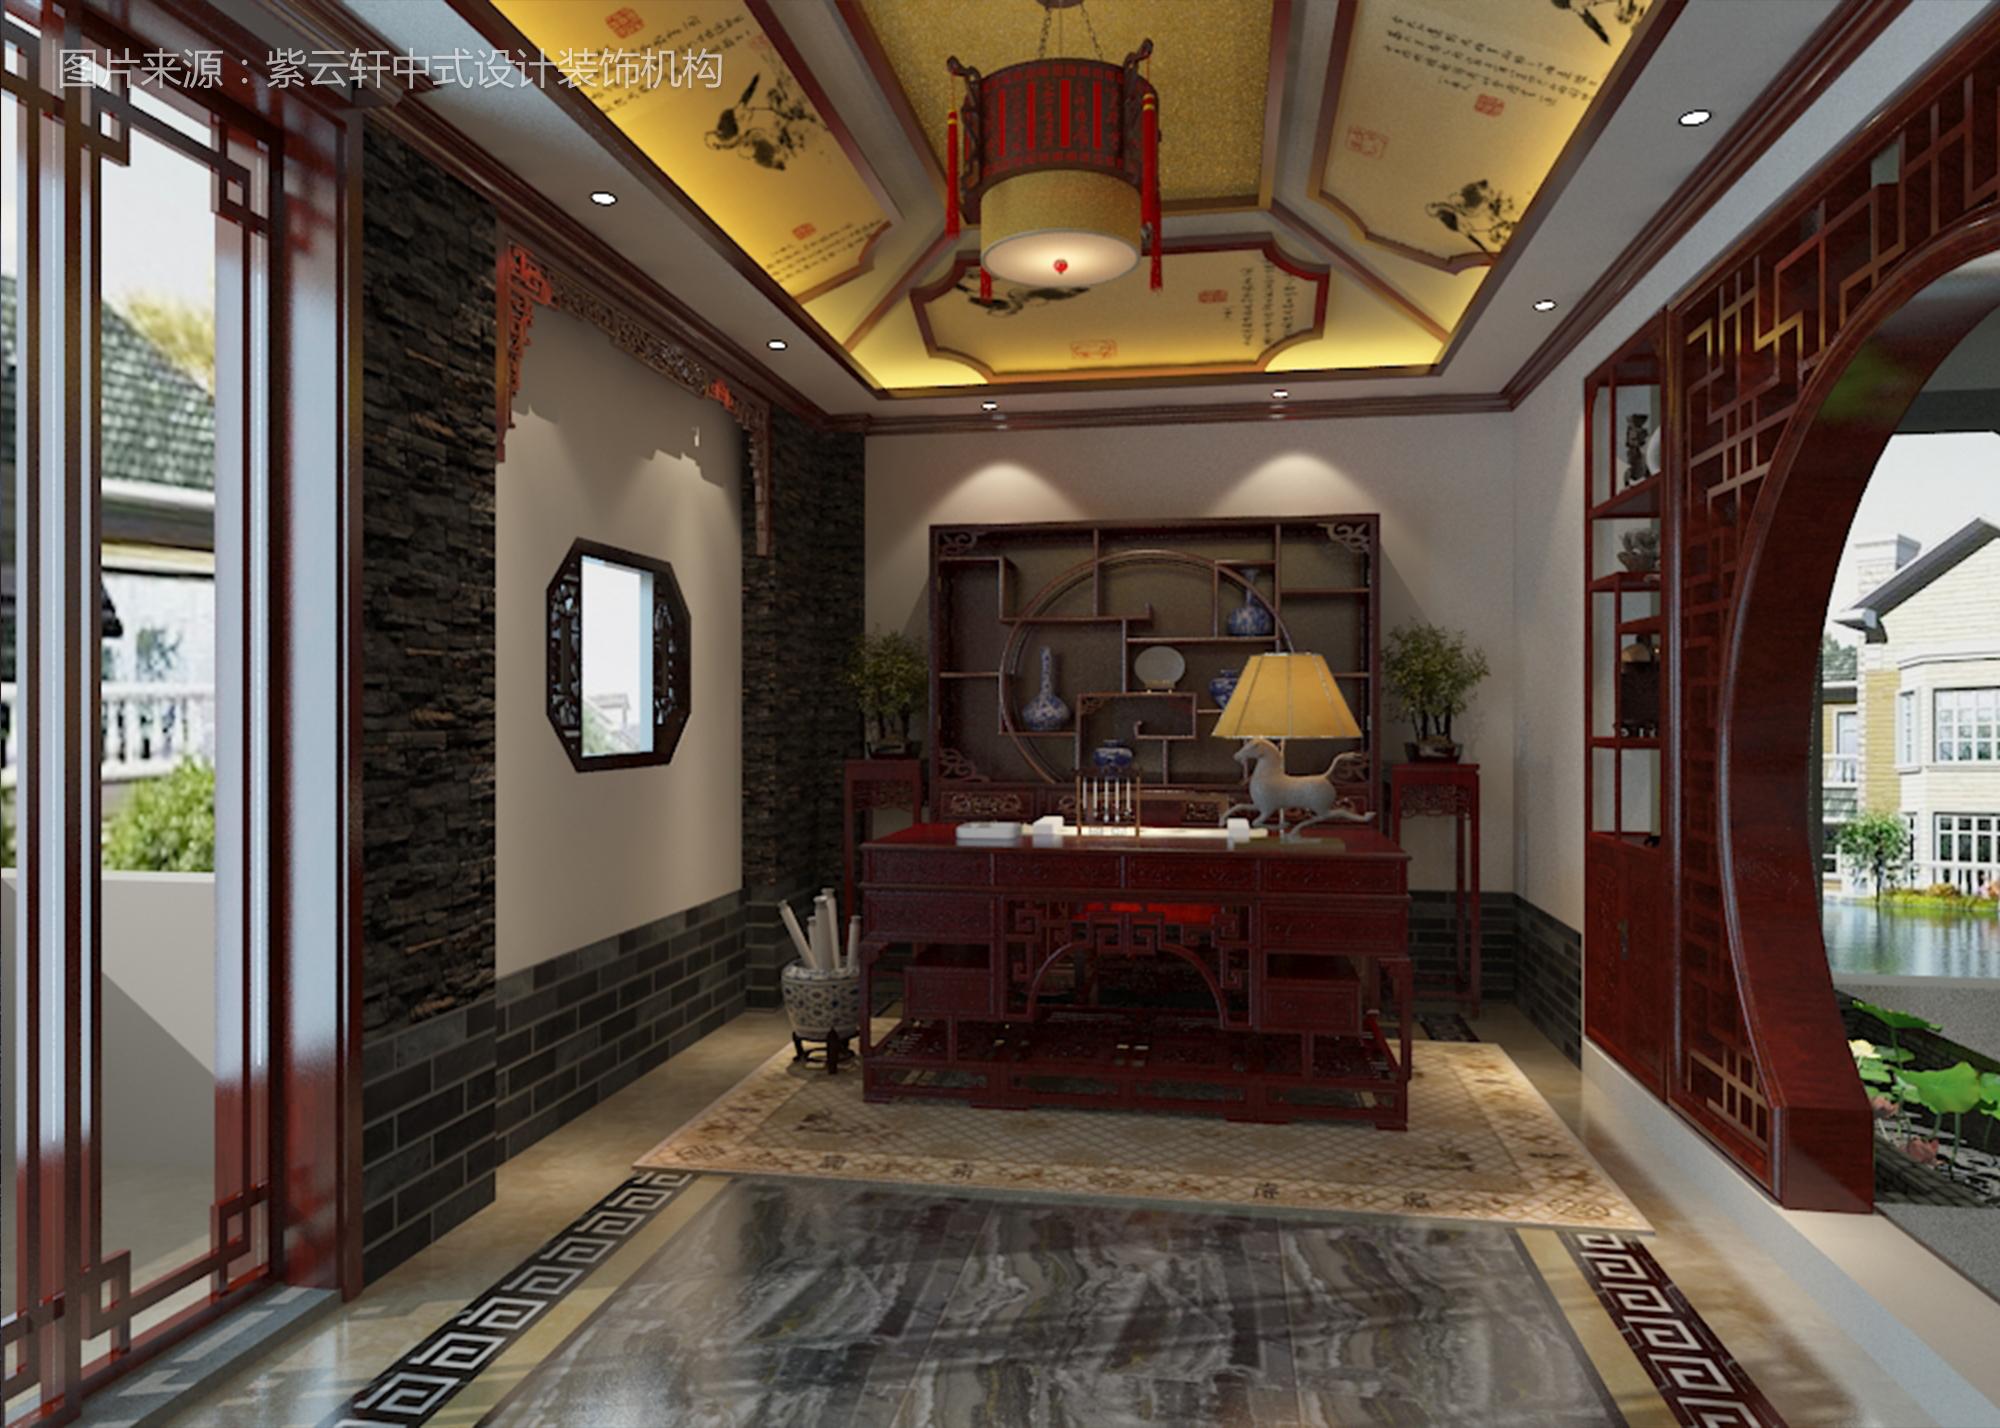 古典中式装修风格 客厅效果图